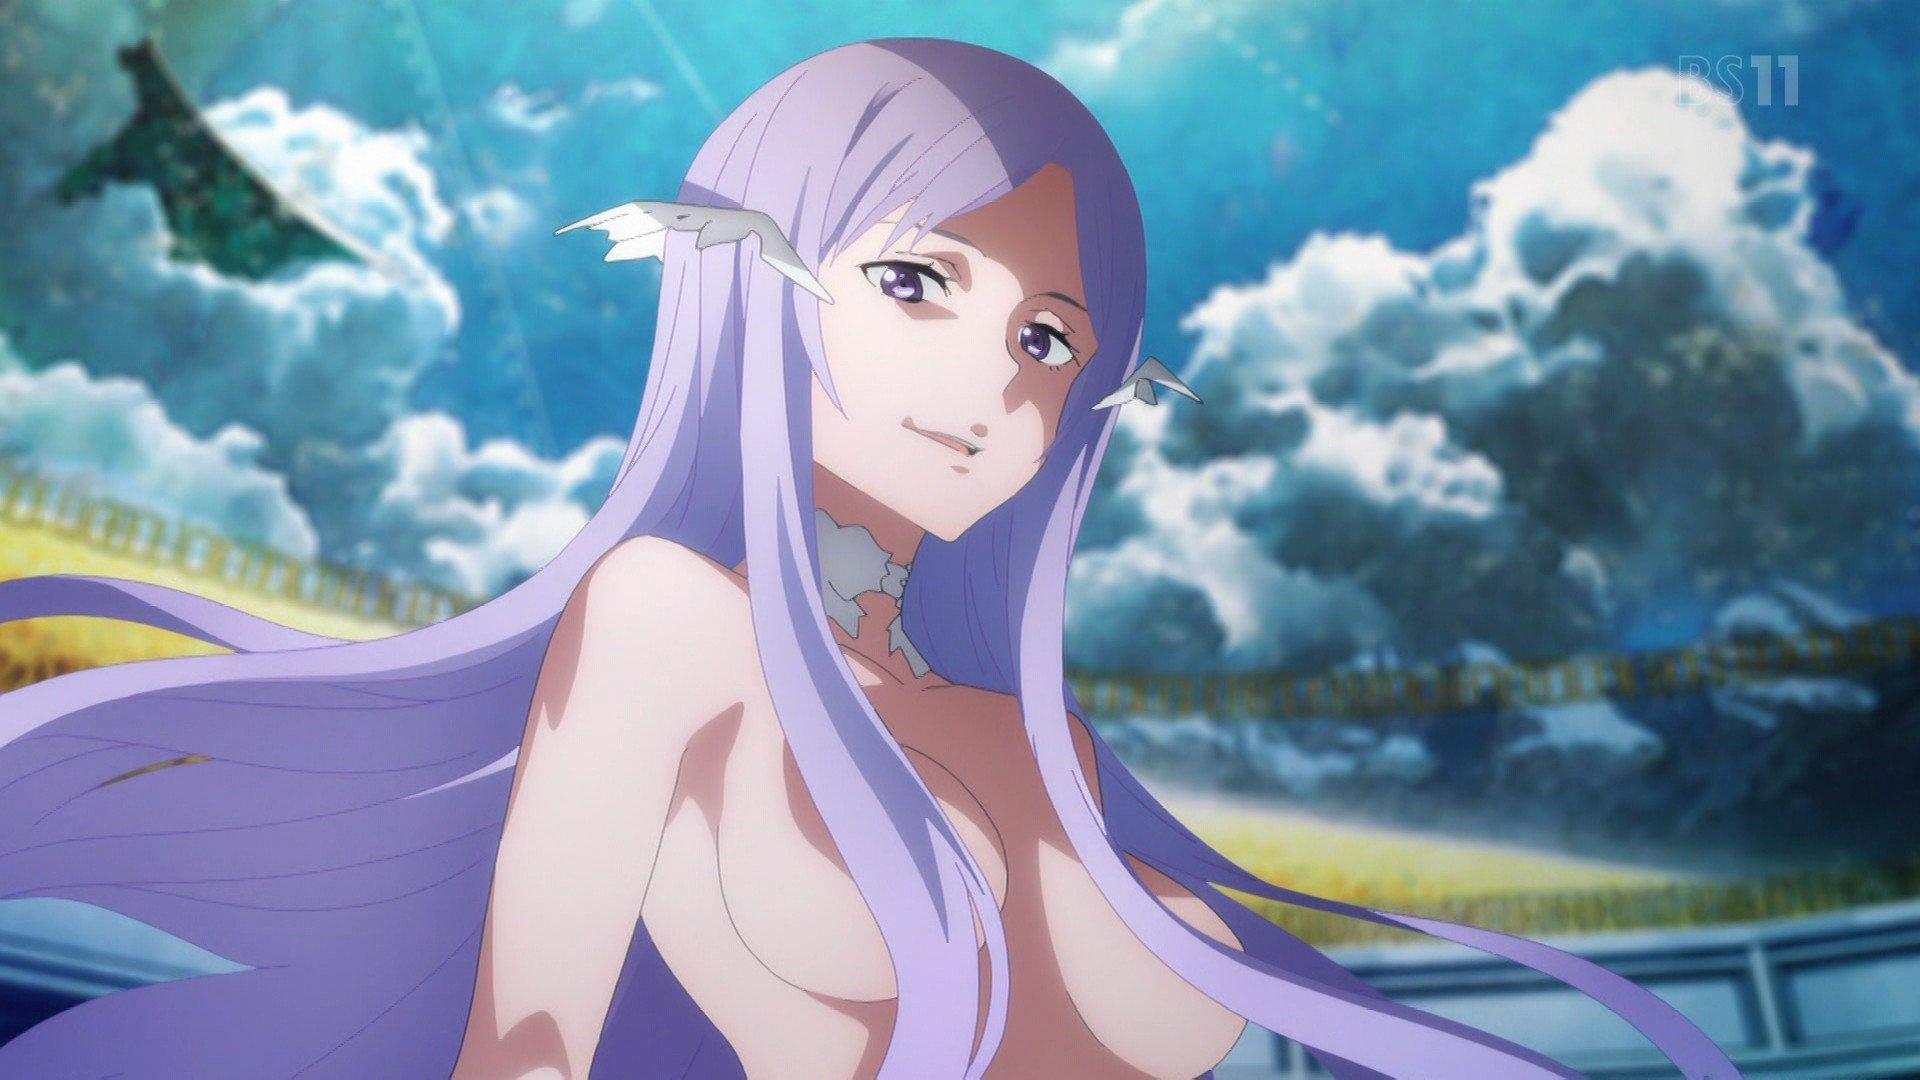 全裸 #sao_anime https://t.co/I6a5zKqXDp